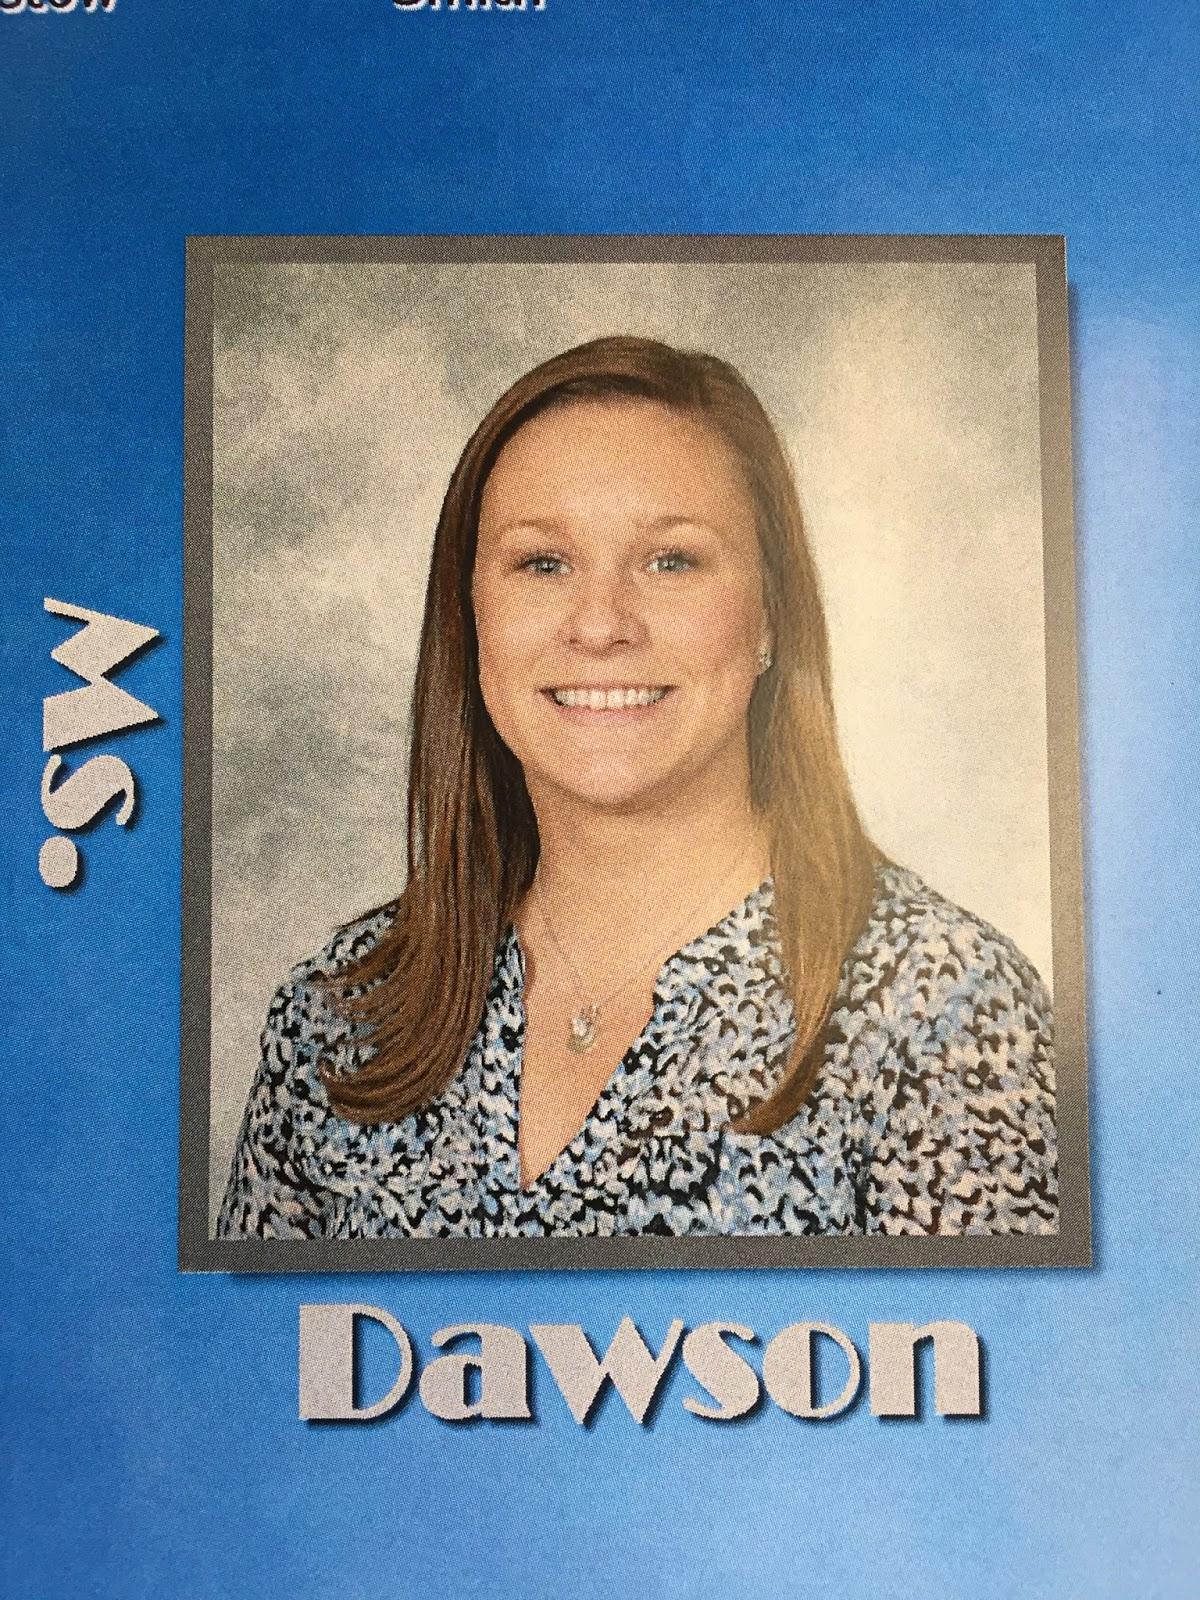 Ms. Sarah Dawson